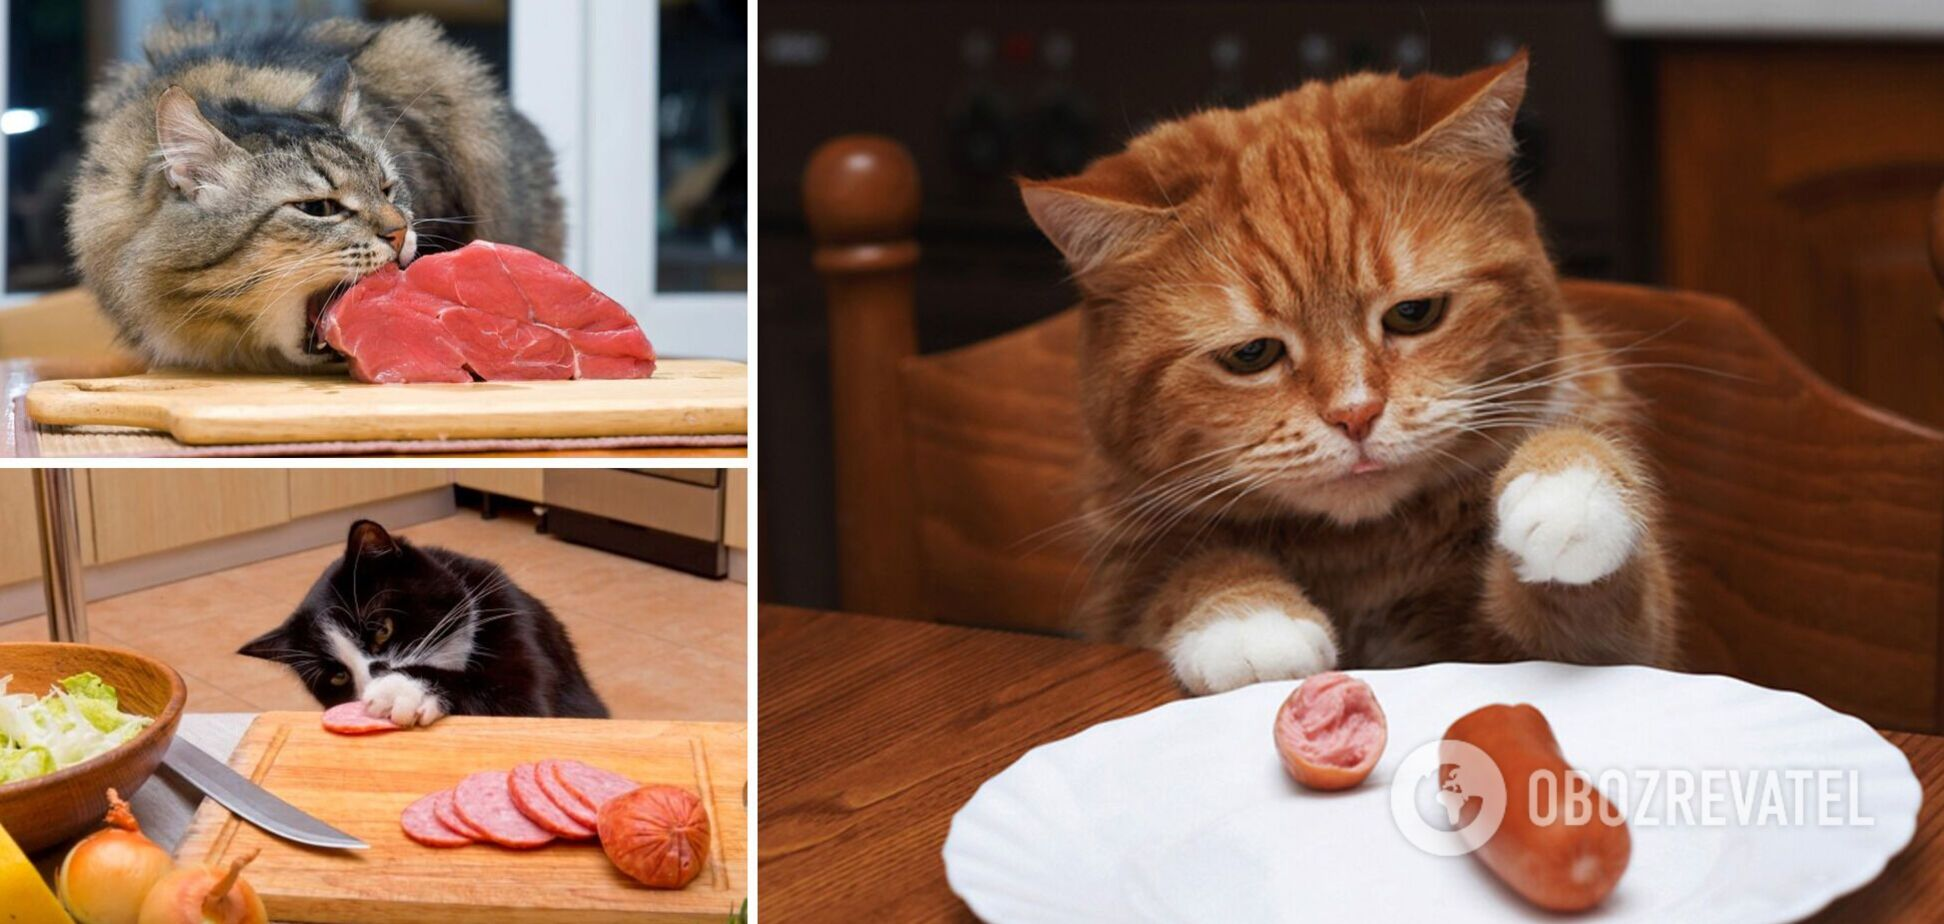 Наглости этих кошек нет предела